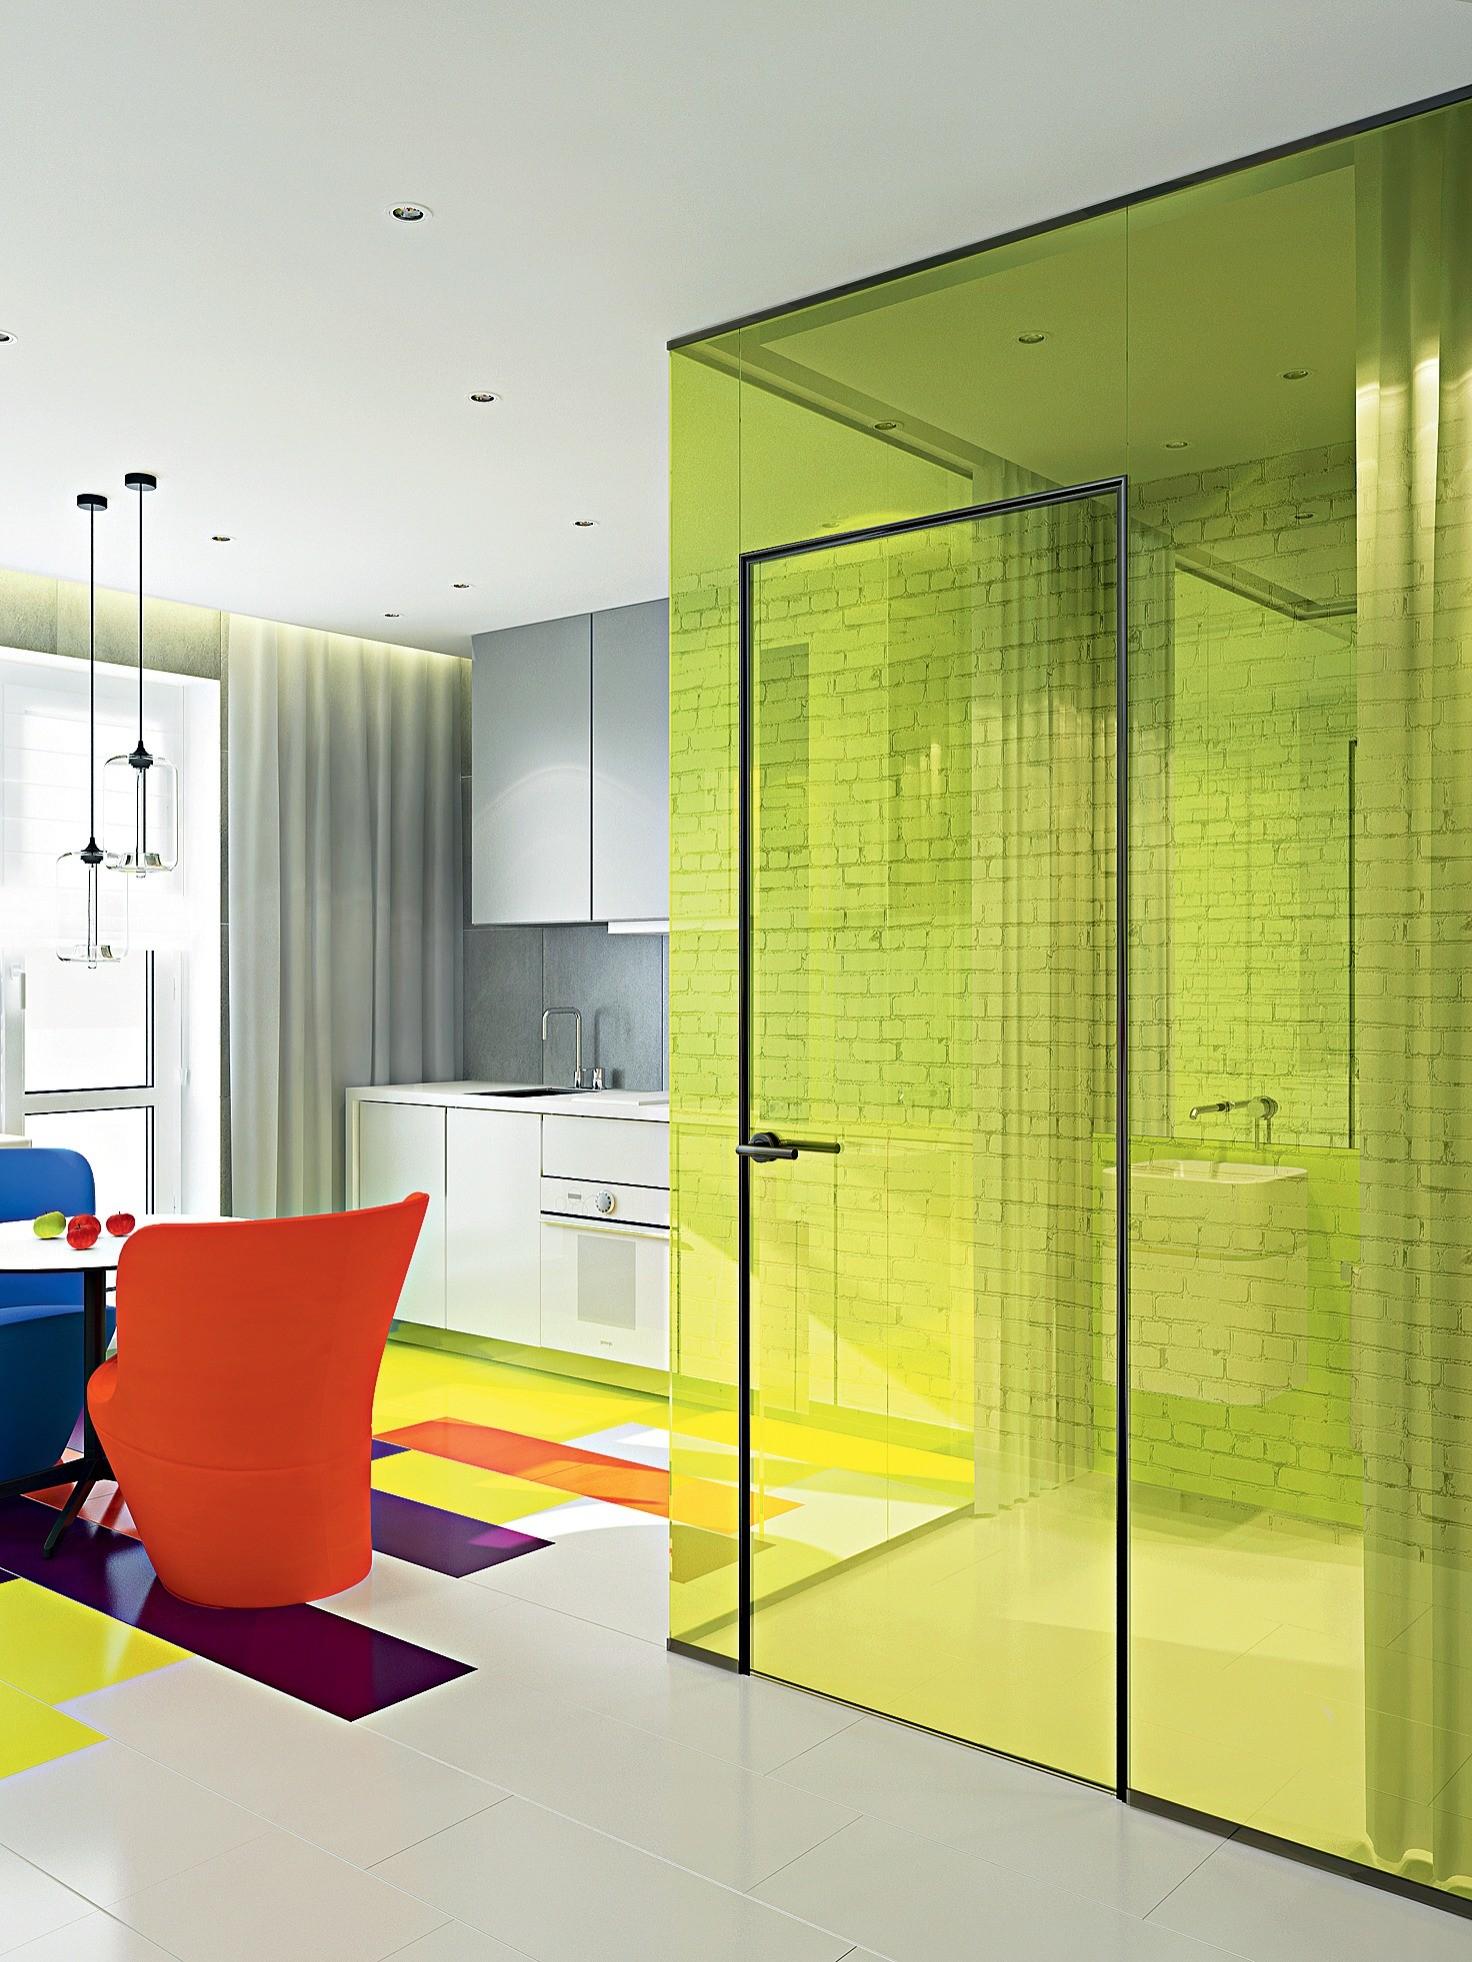 За счёт незначительной перепланировки, не затрагивающей несущие стены, дизайнеры предлагают зрительно увеличить небольшую площадь квартиры. Для этой цели ненесущие перегородки между спаль...